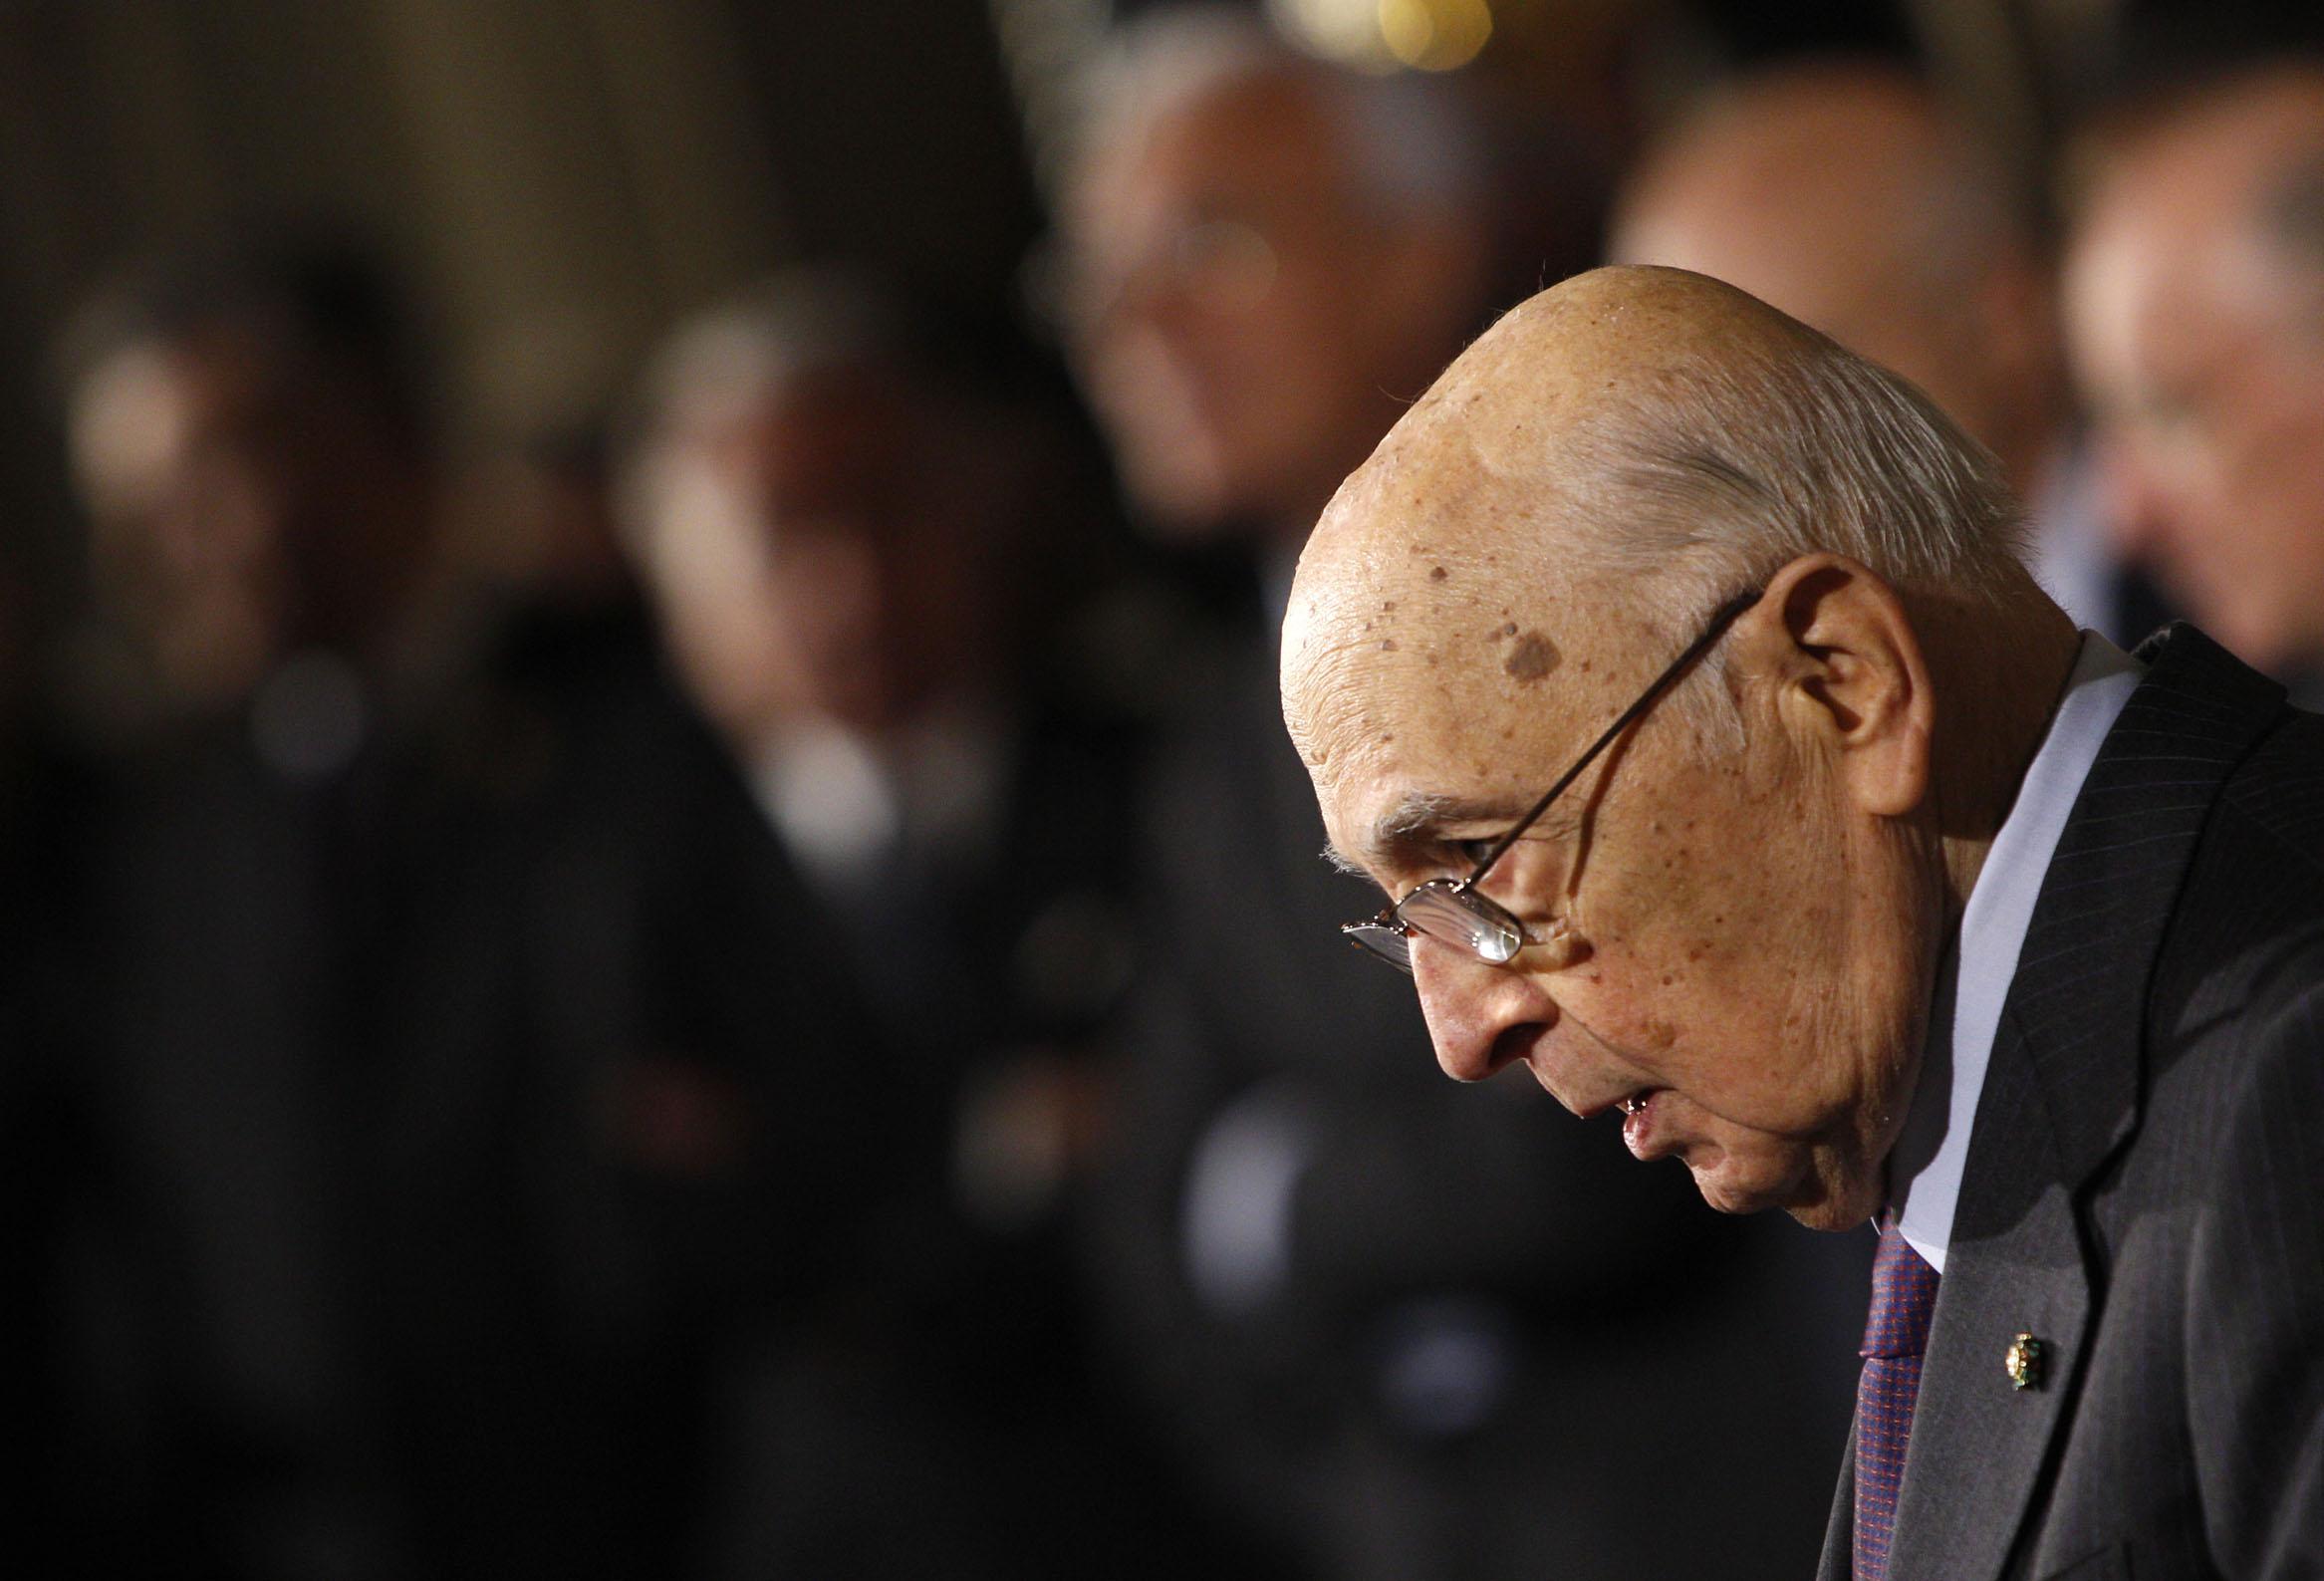 """Stato – Mafia, Napolitano ascoltato per tre ore: """"La Mafia ricattò lo Stato ma io non so nulla su presunti accordi"""""""